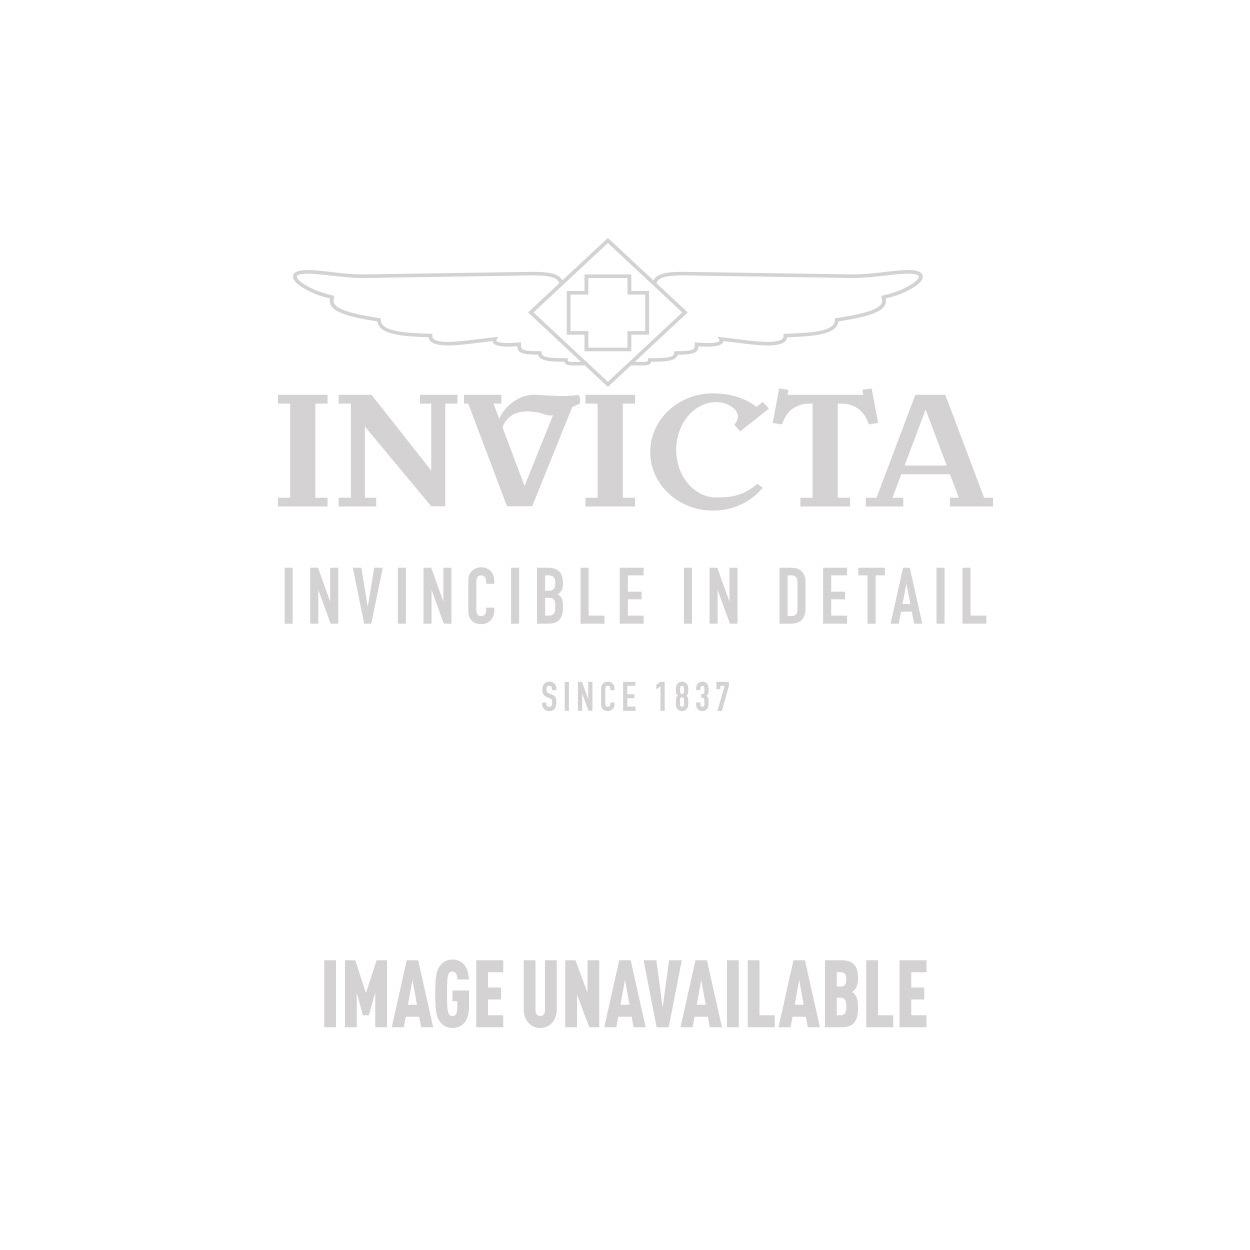 Invicta Model 24416